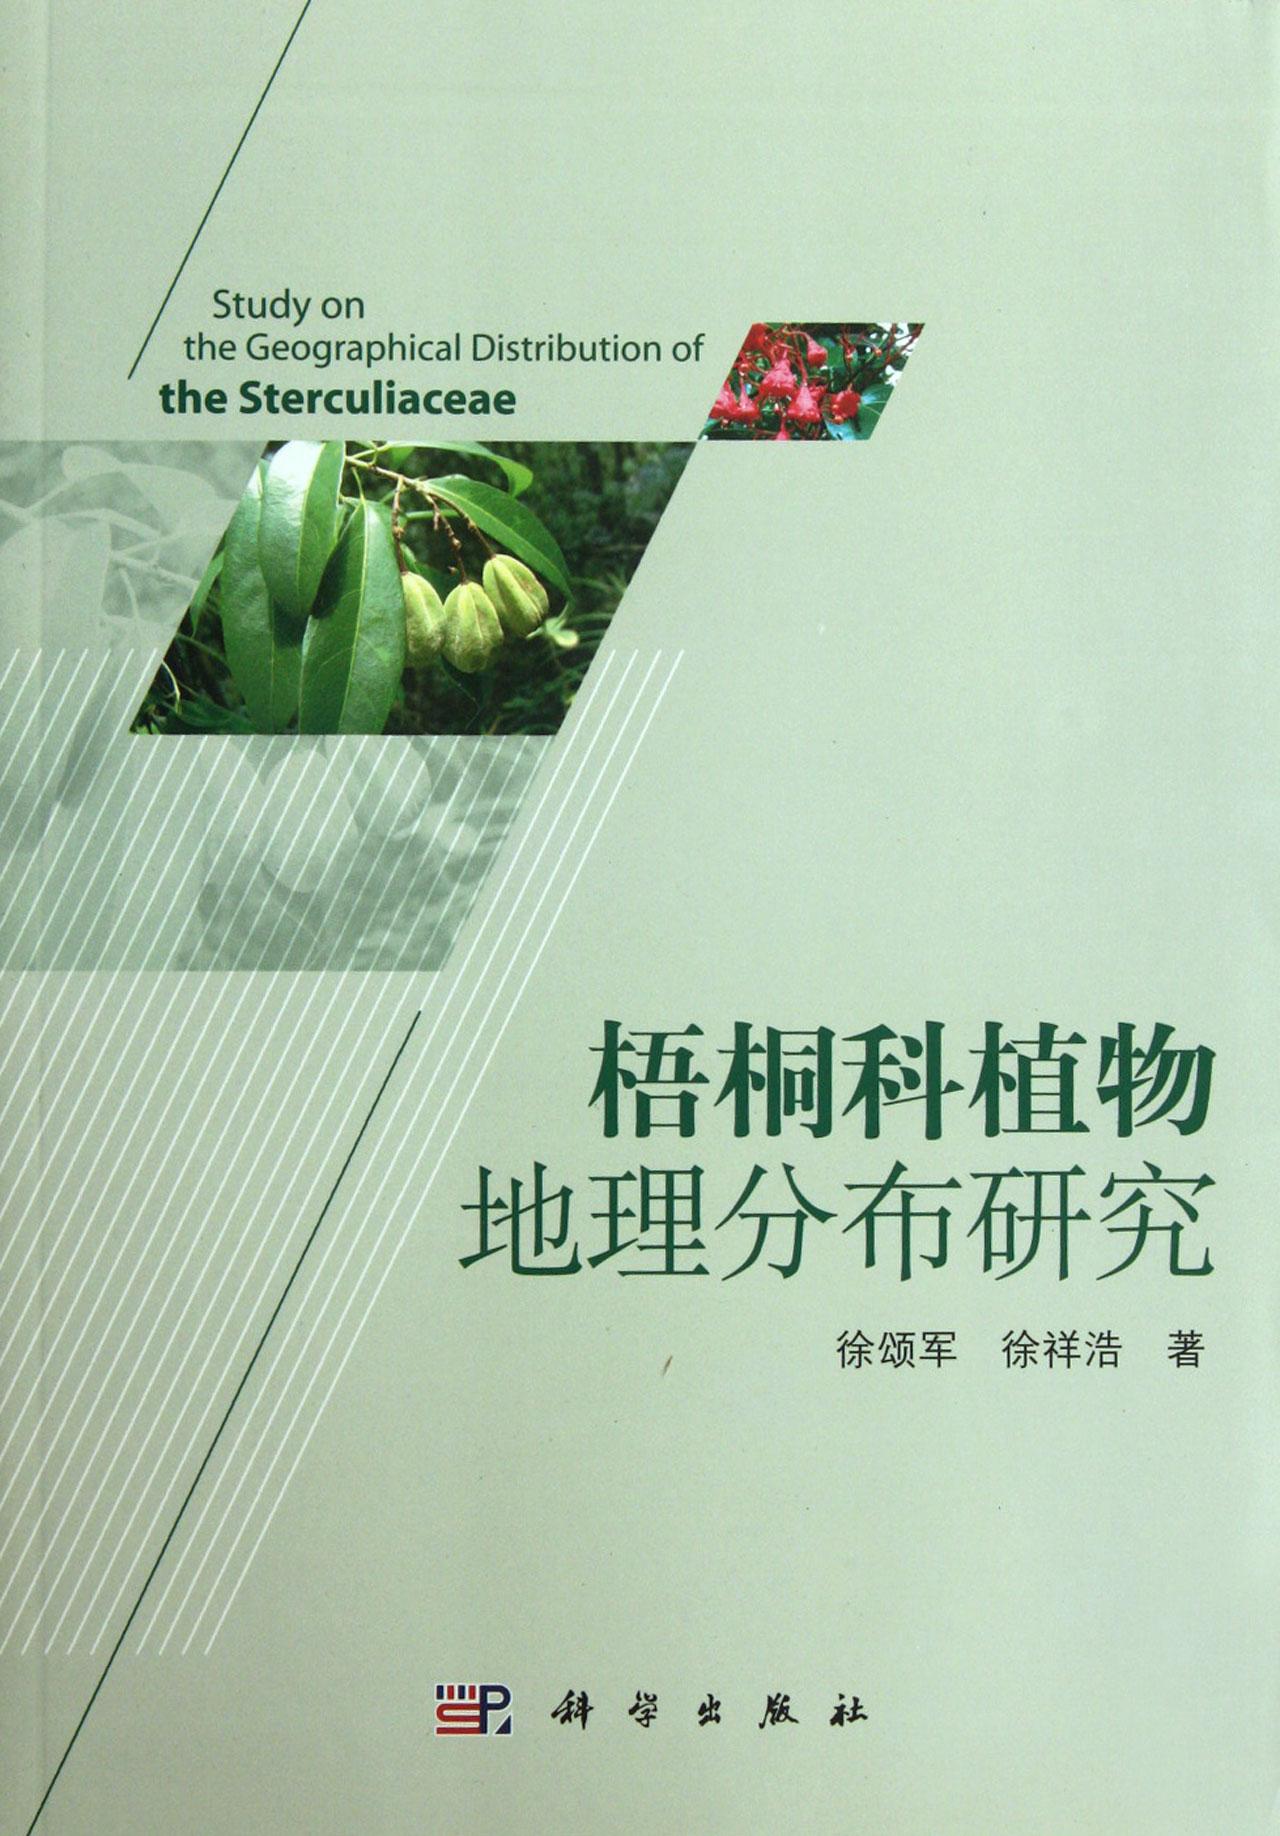 梧桐科植物地理分布研究